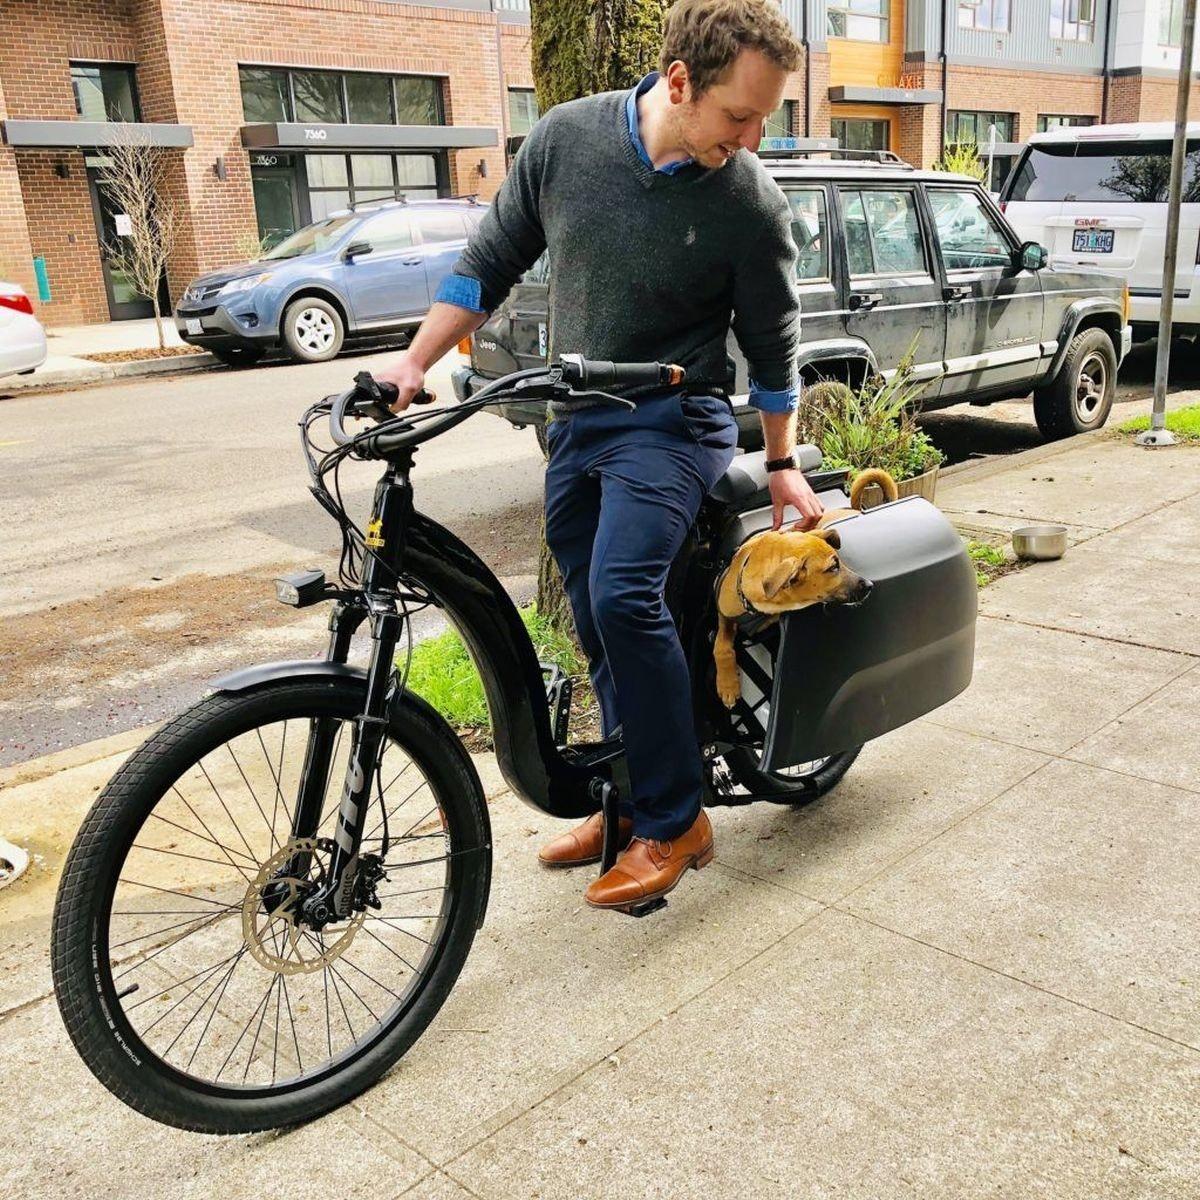 照片中提到了7560,包含了自行車配件、自行車輪、自行車、自行車車架、自行車座墊